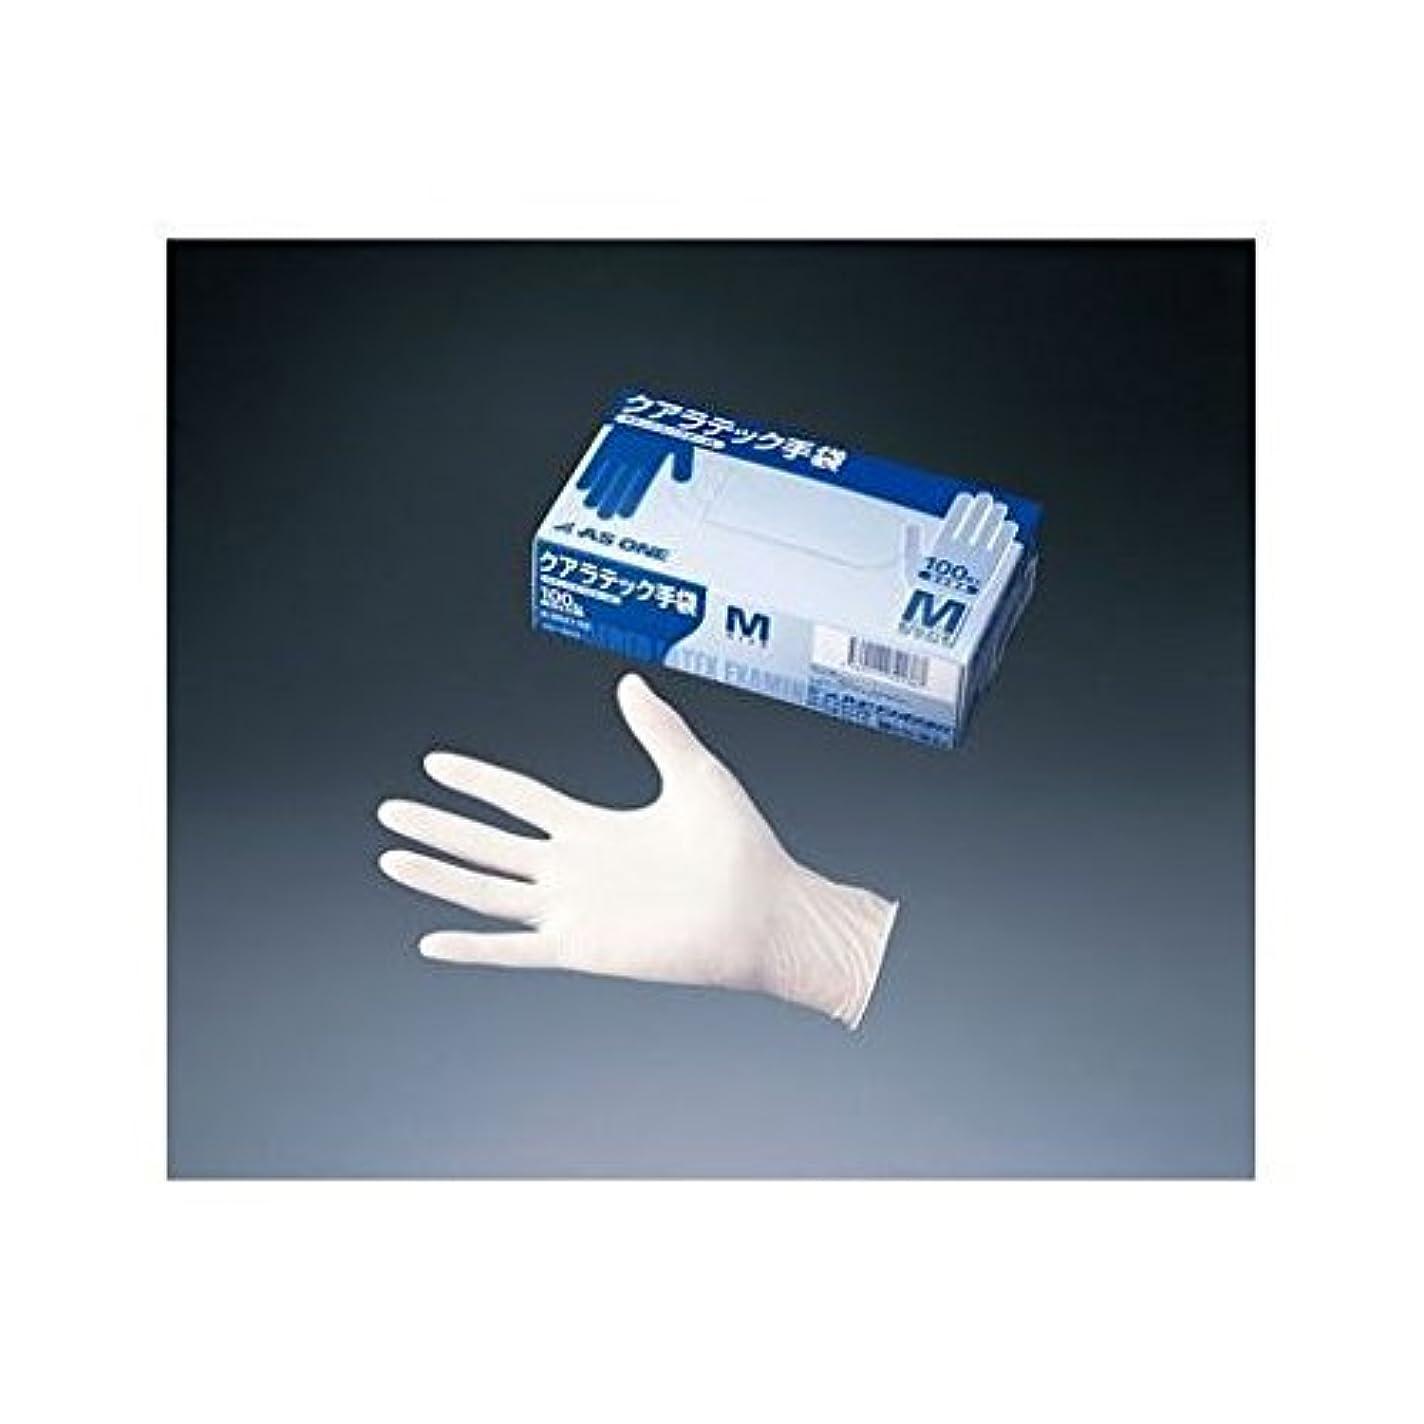 フィットネスアンプ機械JS28025 クアラテック手袋(天然ゴム製) S(100枚入)